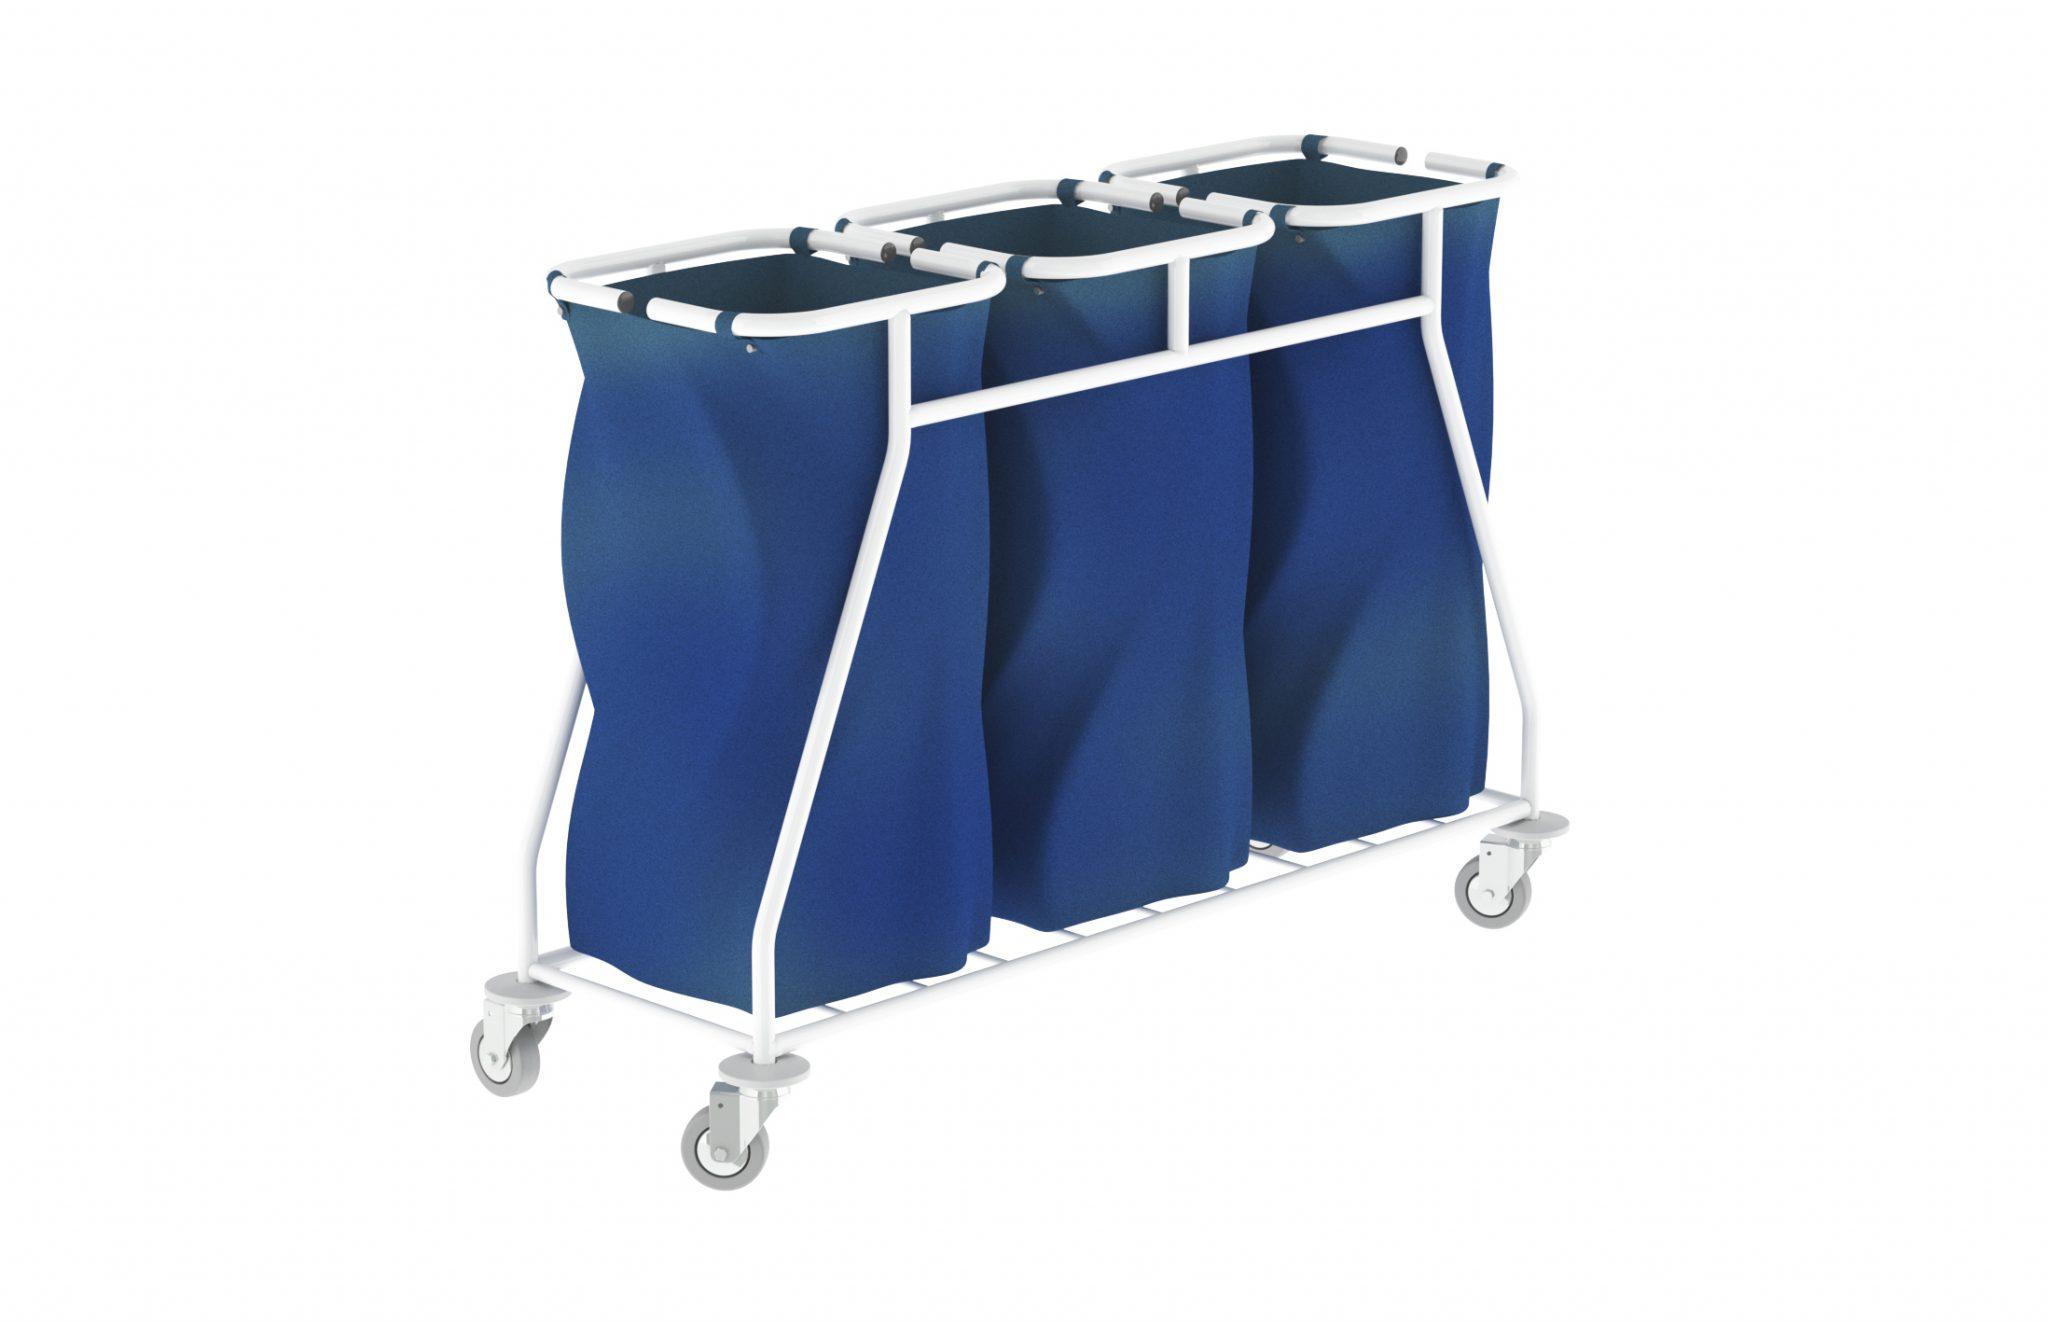 Carro de roupa suja triplo, com estrutura em aço. Possui três sacos, em tela plastificada. Disponível em diferentes materiais e acessórios.